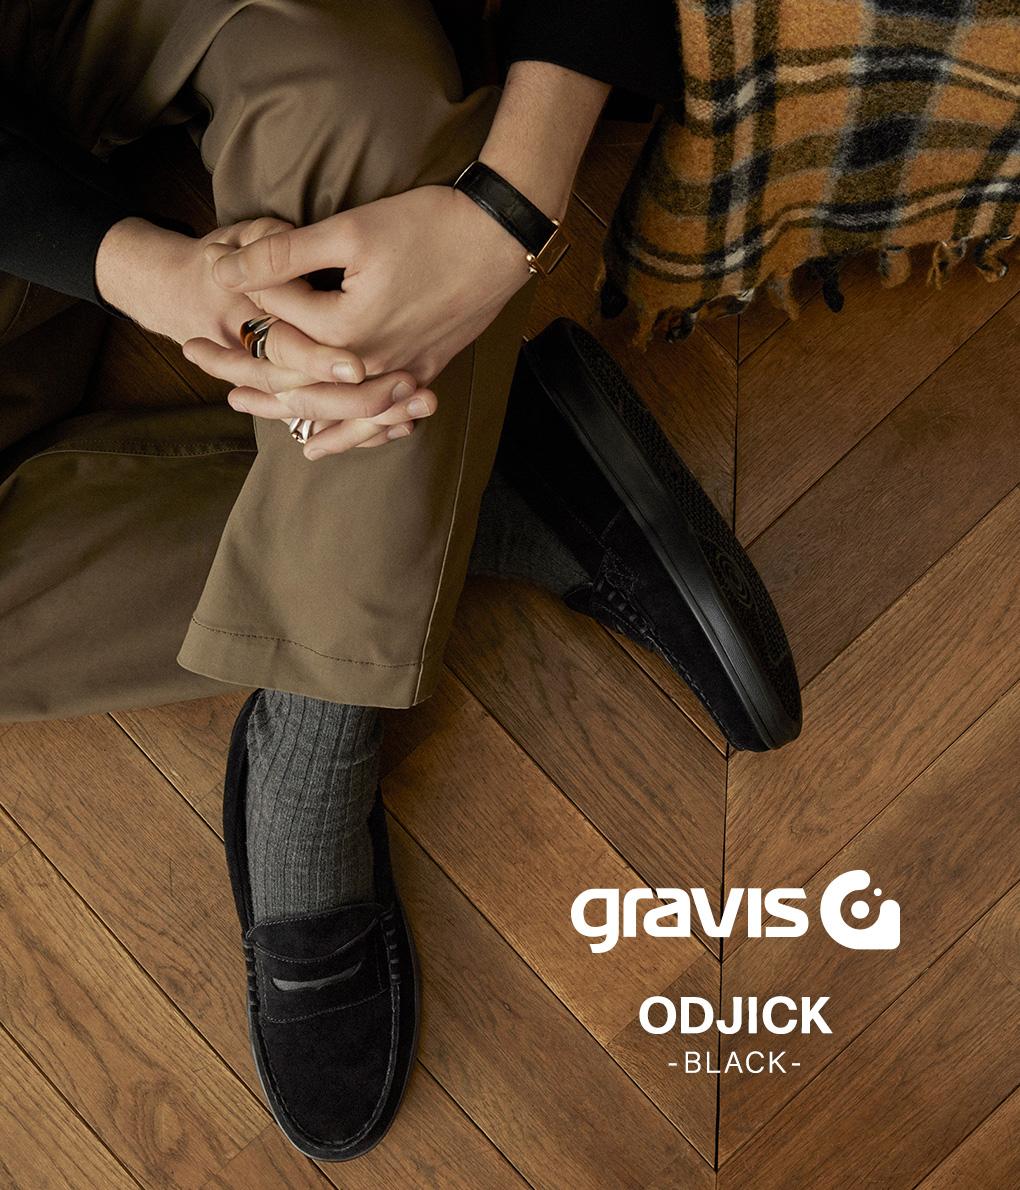 キャッシュレス5%還元!【正規取扱 / 昼12時30分までの注文で即日発送】 GRAVIS / グラビス : ODJICK : オジェック シューズ 靴 スリッポン メンズ : 25220 【NOA】